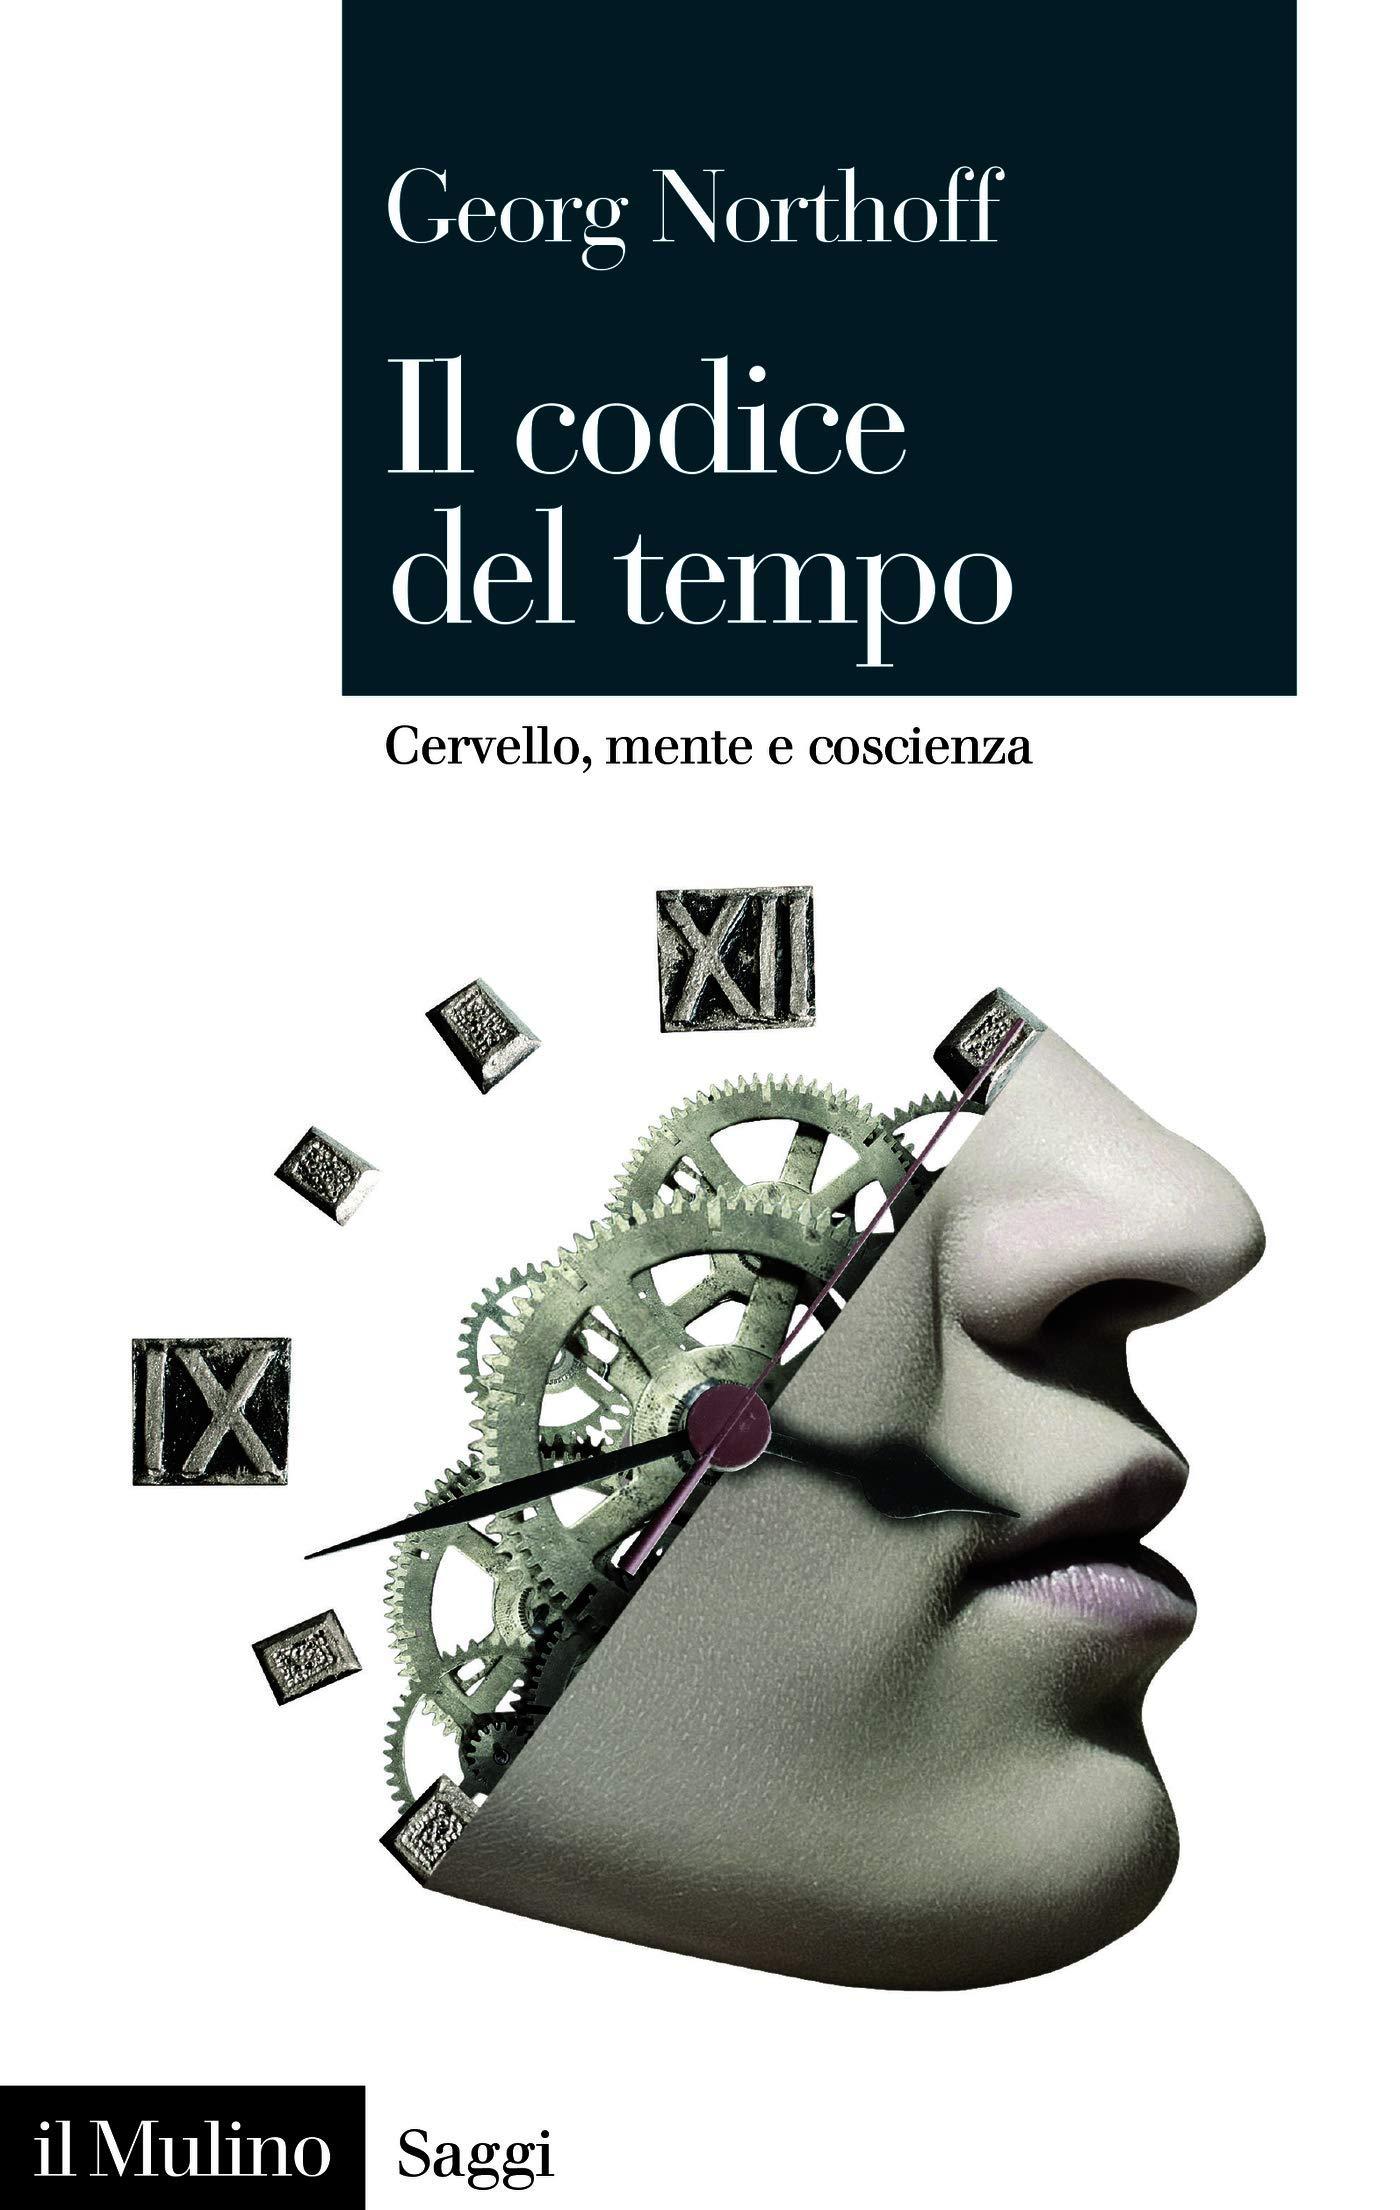 Il codice del tempo: Cervello, mente e coscienza (Saggi) Georg Northoff